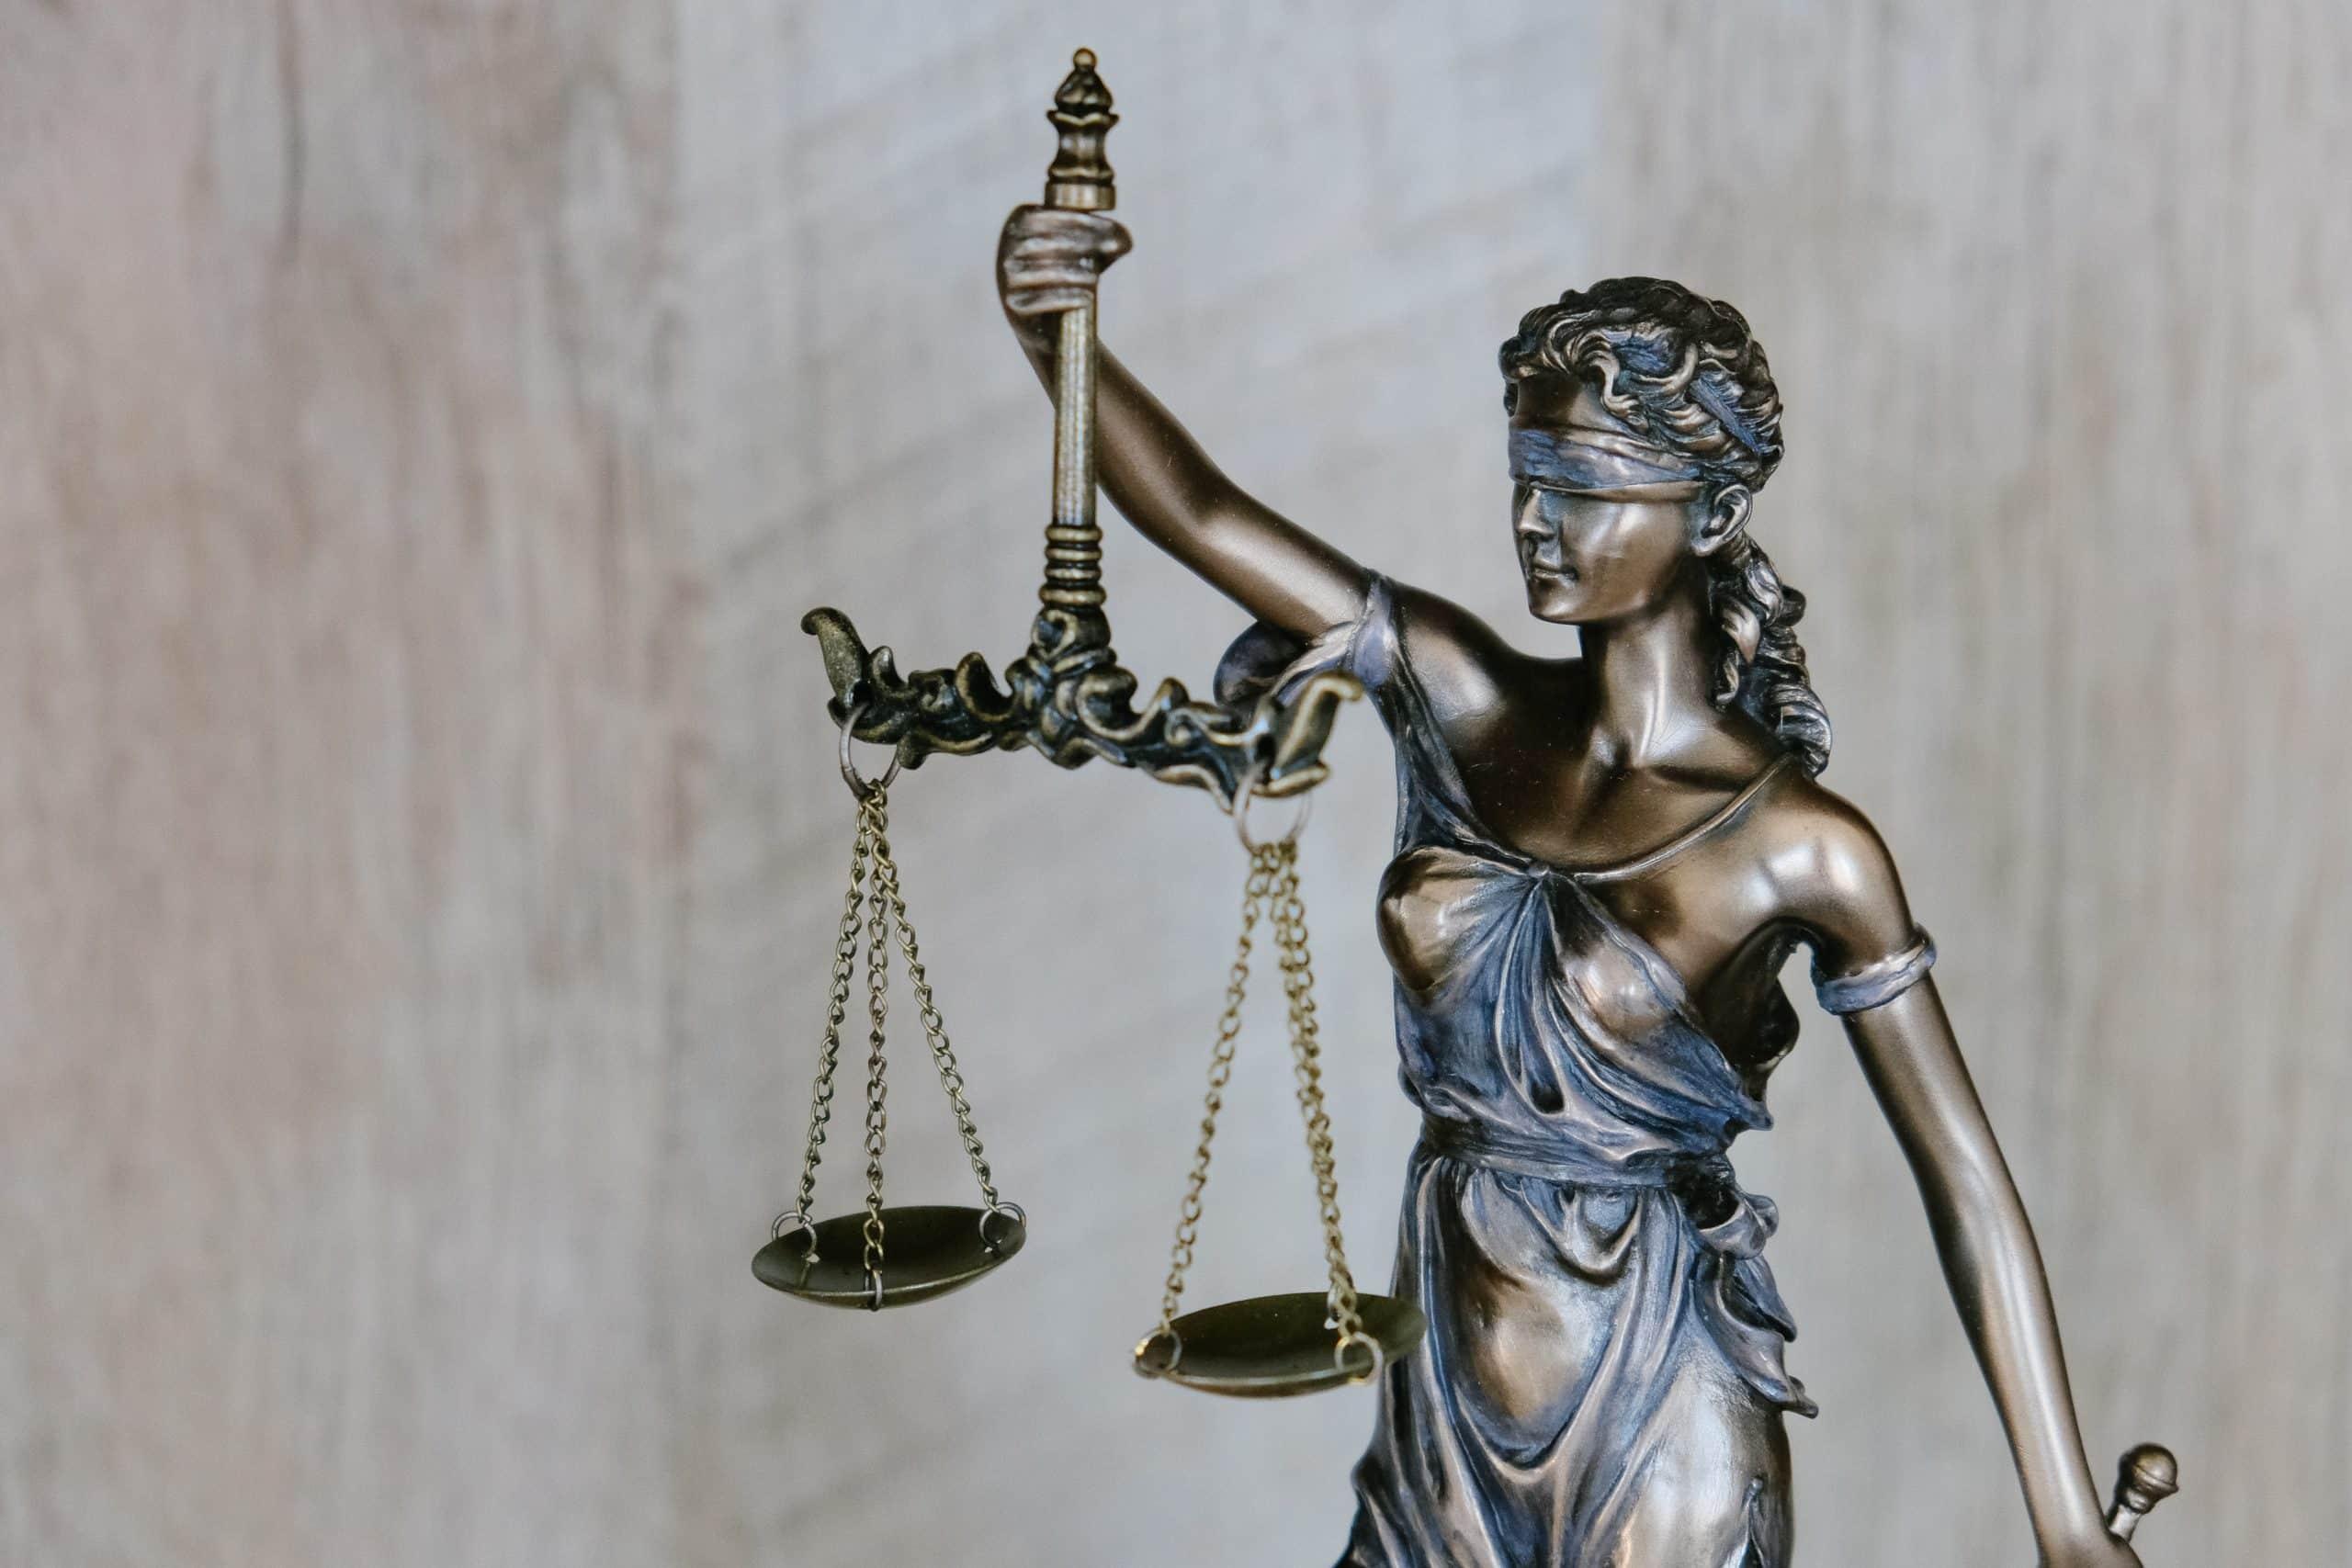 Rechtliche Lage von CBD in Deutschland